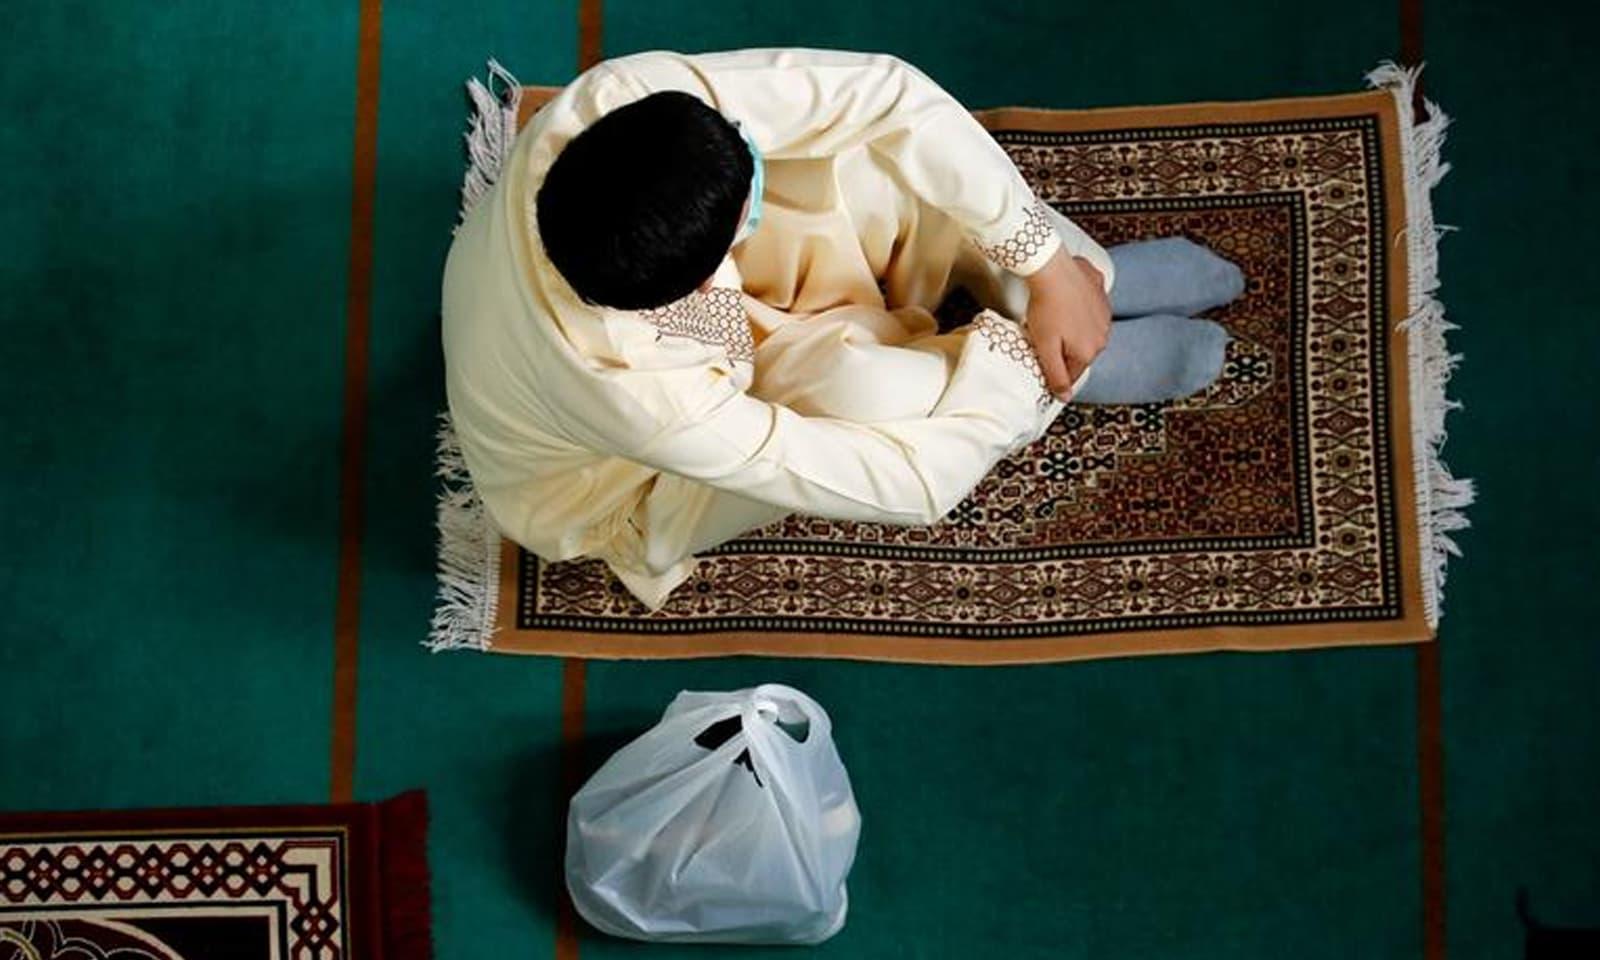 برطانیہ میں بھی مسلمانوں نے سماجی فاصلے کے ساتھ عید منائی —فوٹو: رائٹرز